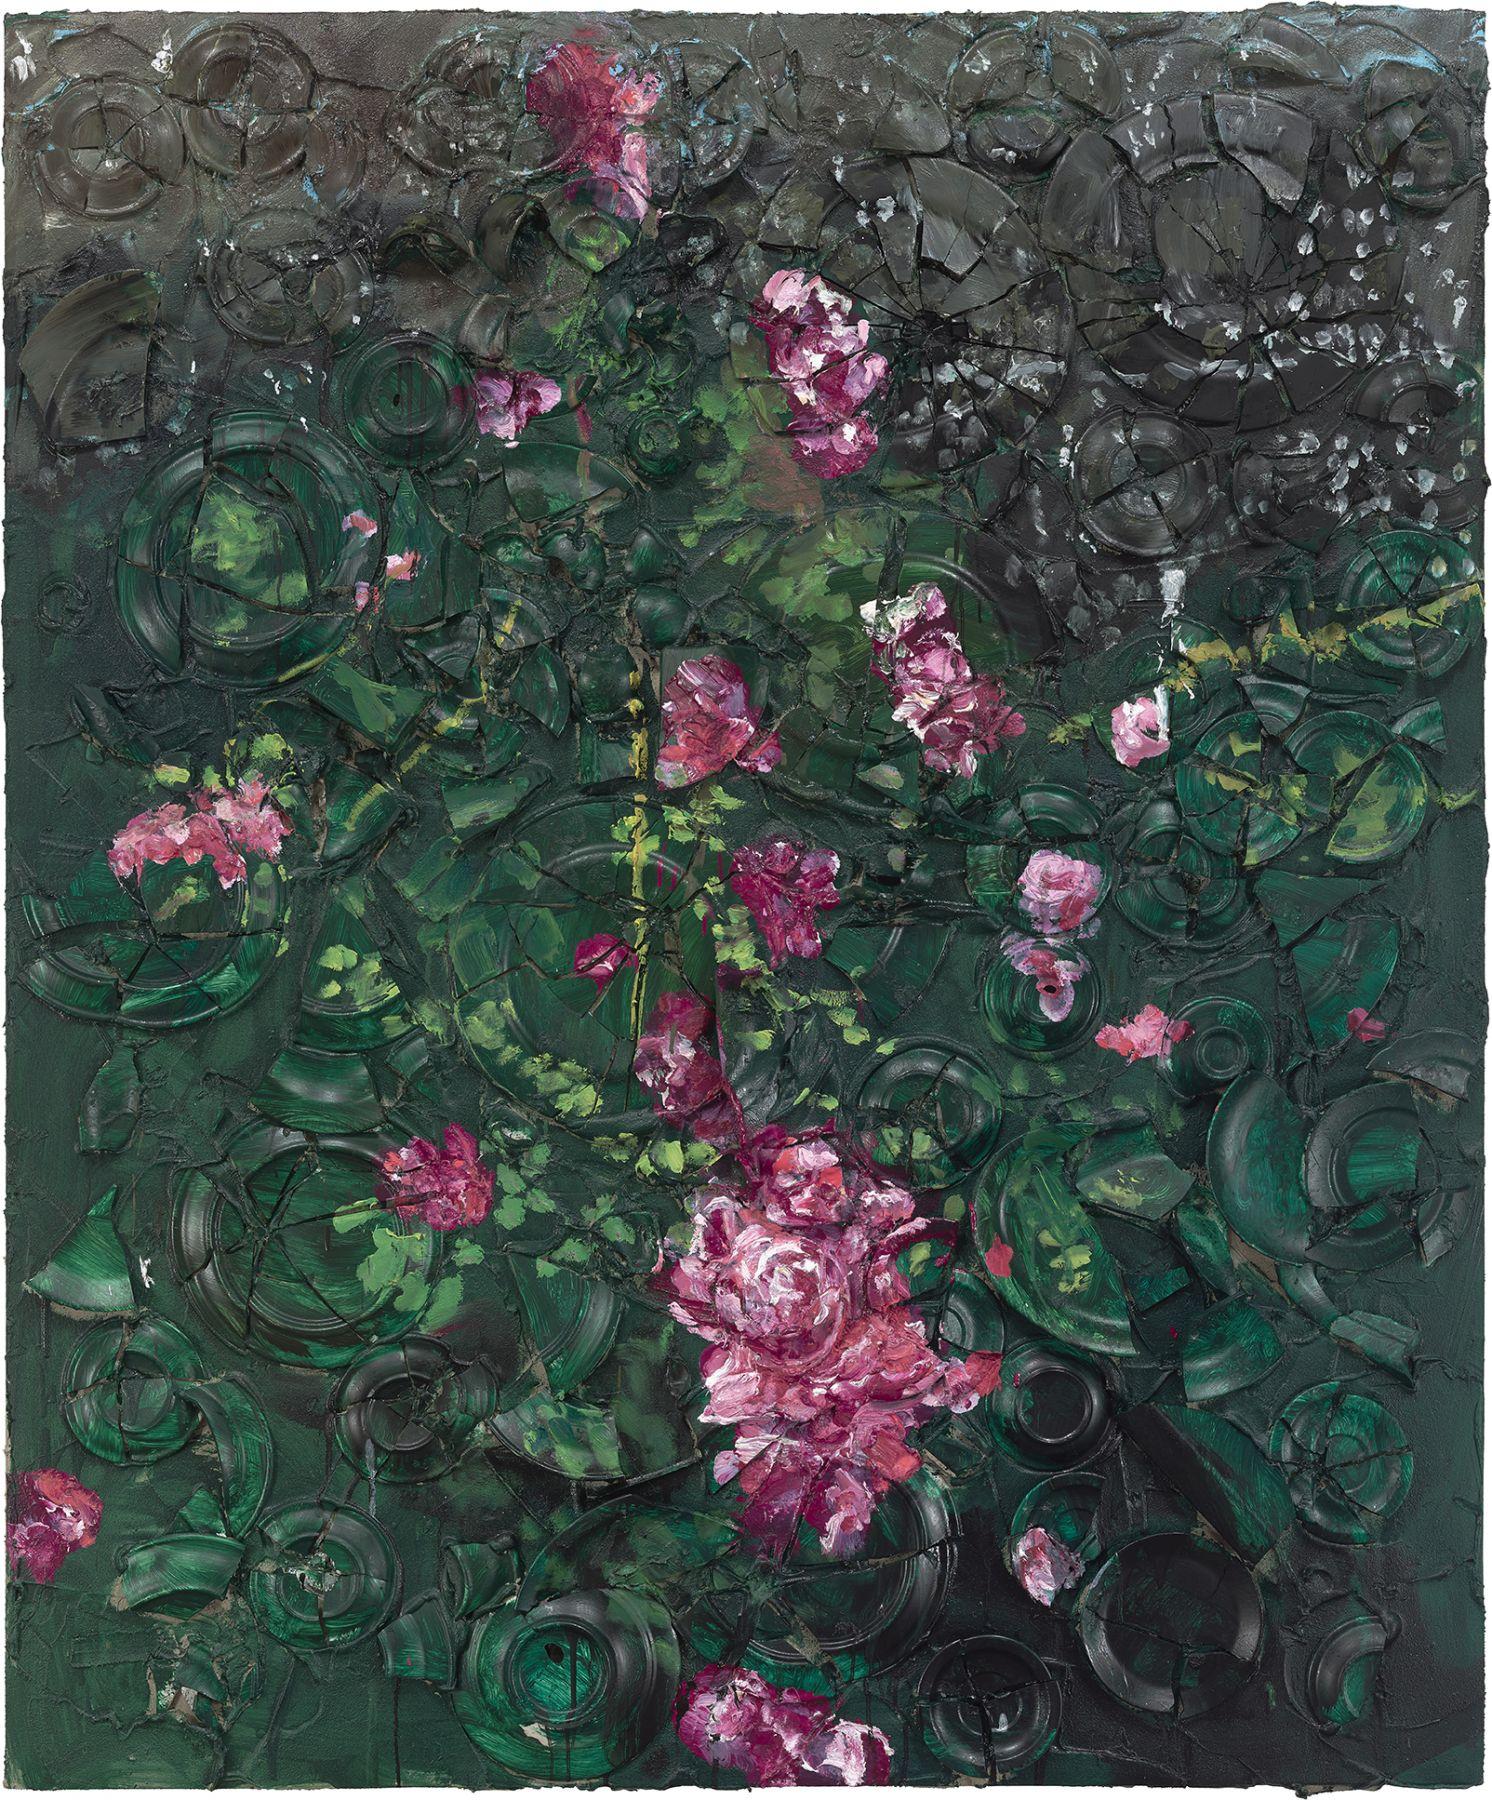 Julian Schnabel, Rose Painting (Near Van Gogh's Grave) V